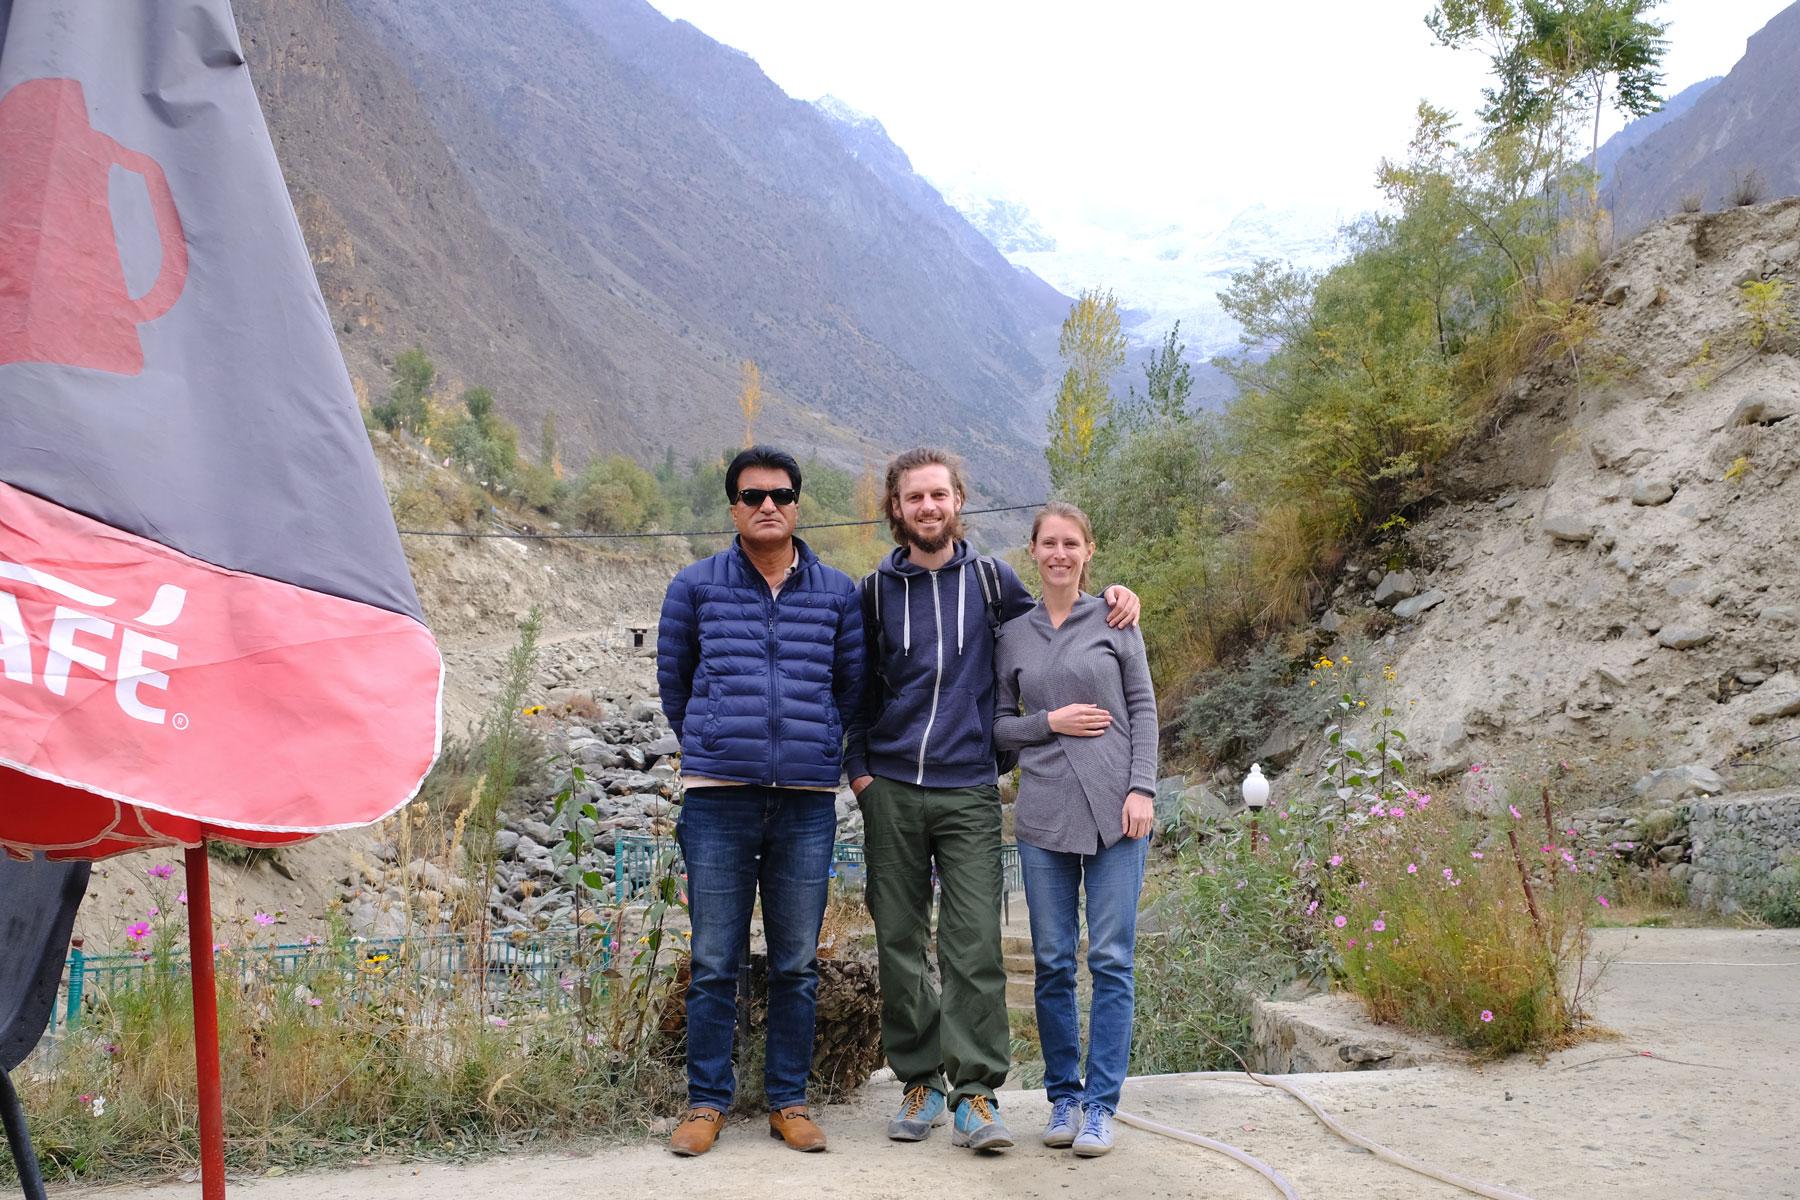 Arshad stoppt für uns am Rakaposhi View Point, der sich aber leider in den Wolken versteckt